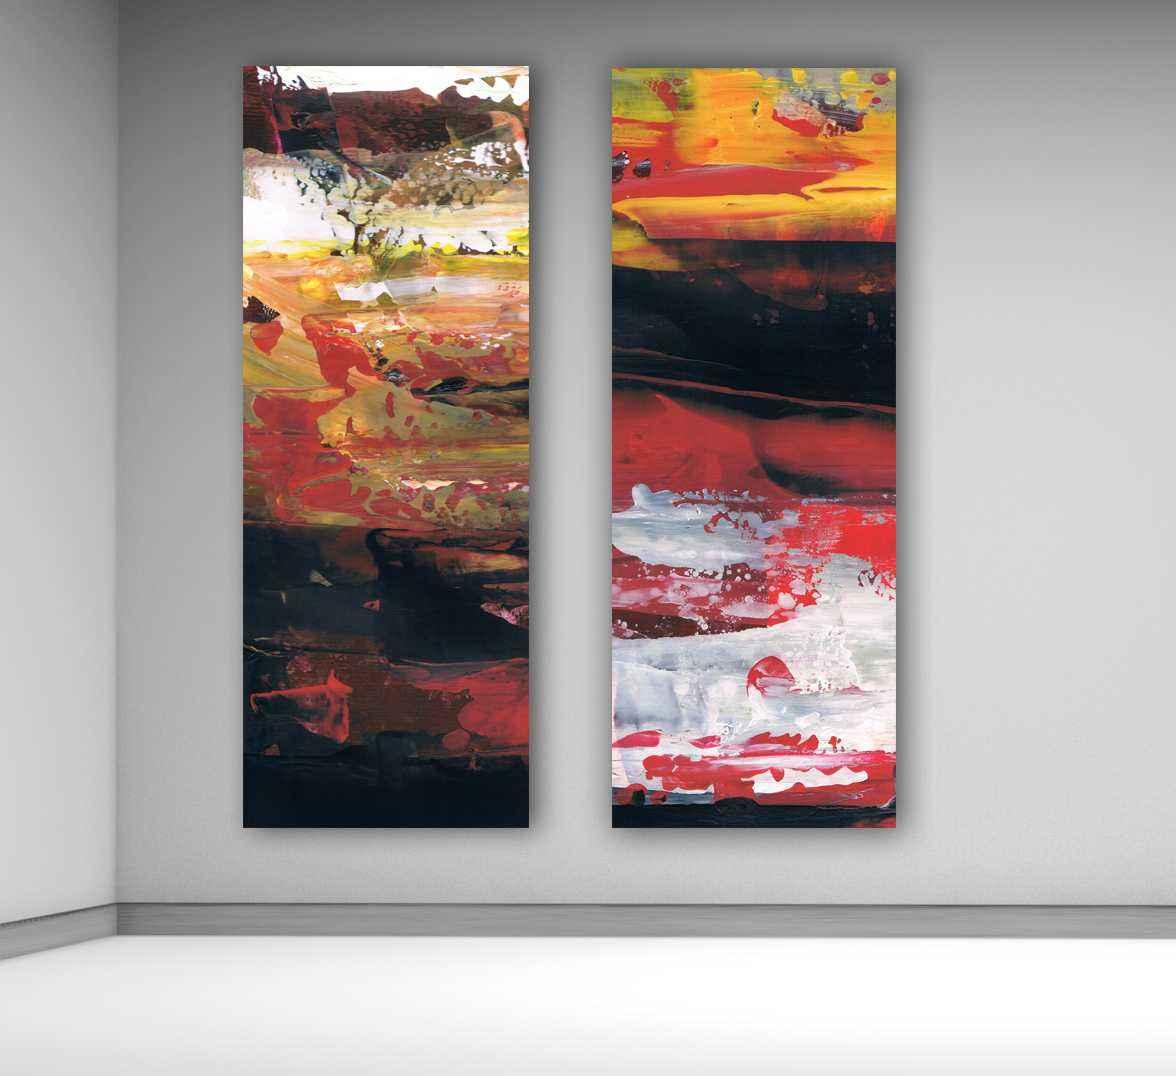 cuadros abstractos modernos verticales grandes